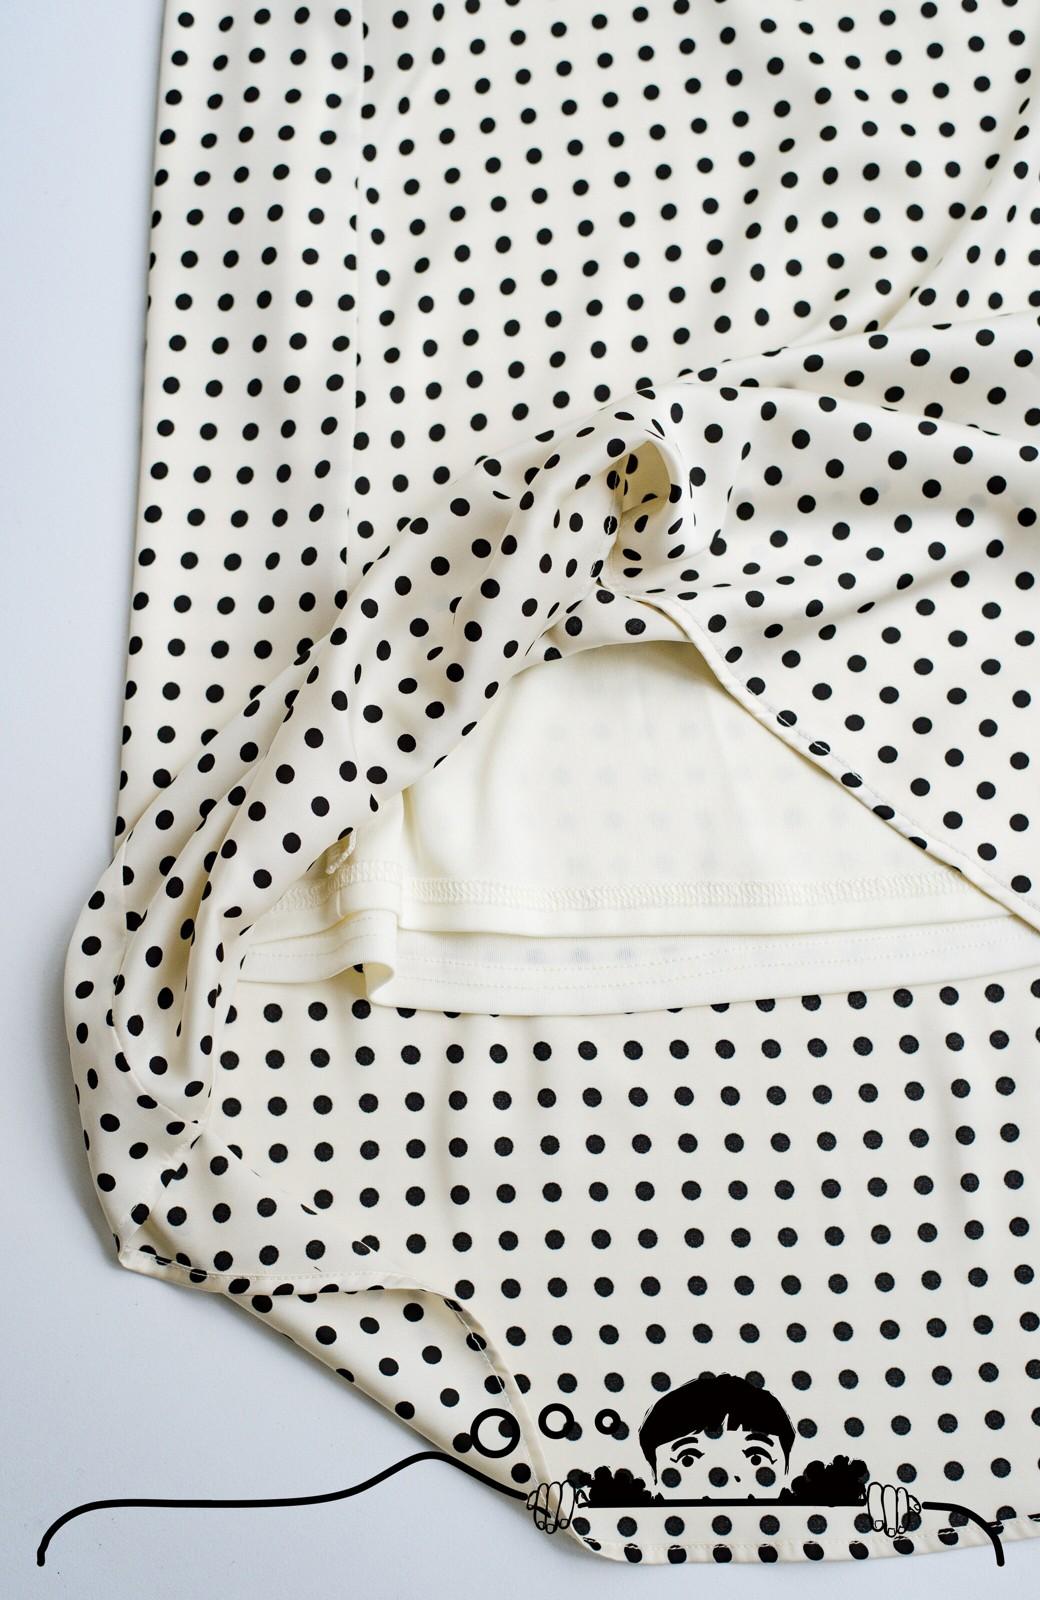 haco! 定番Tシャツを合わせるだけで女っぽい新鮮コーデが完成する ツヤやかサテンが上品なドット柄スカートby who made me <ホワイト×ブラック>の商品写真11